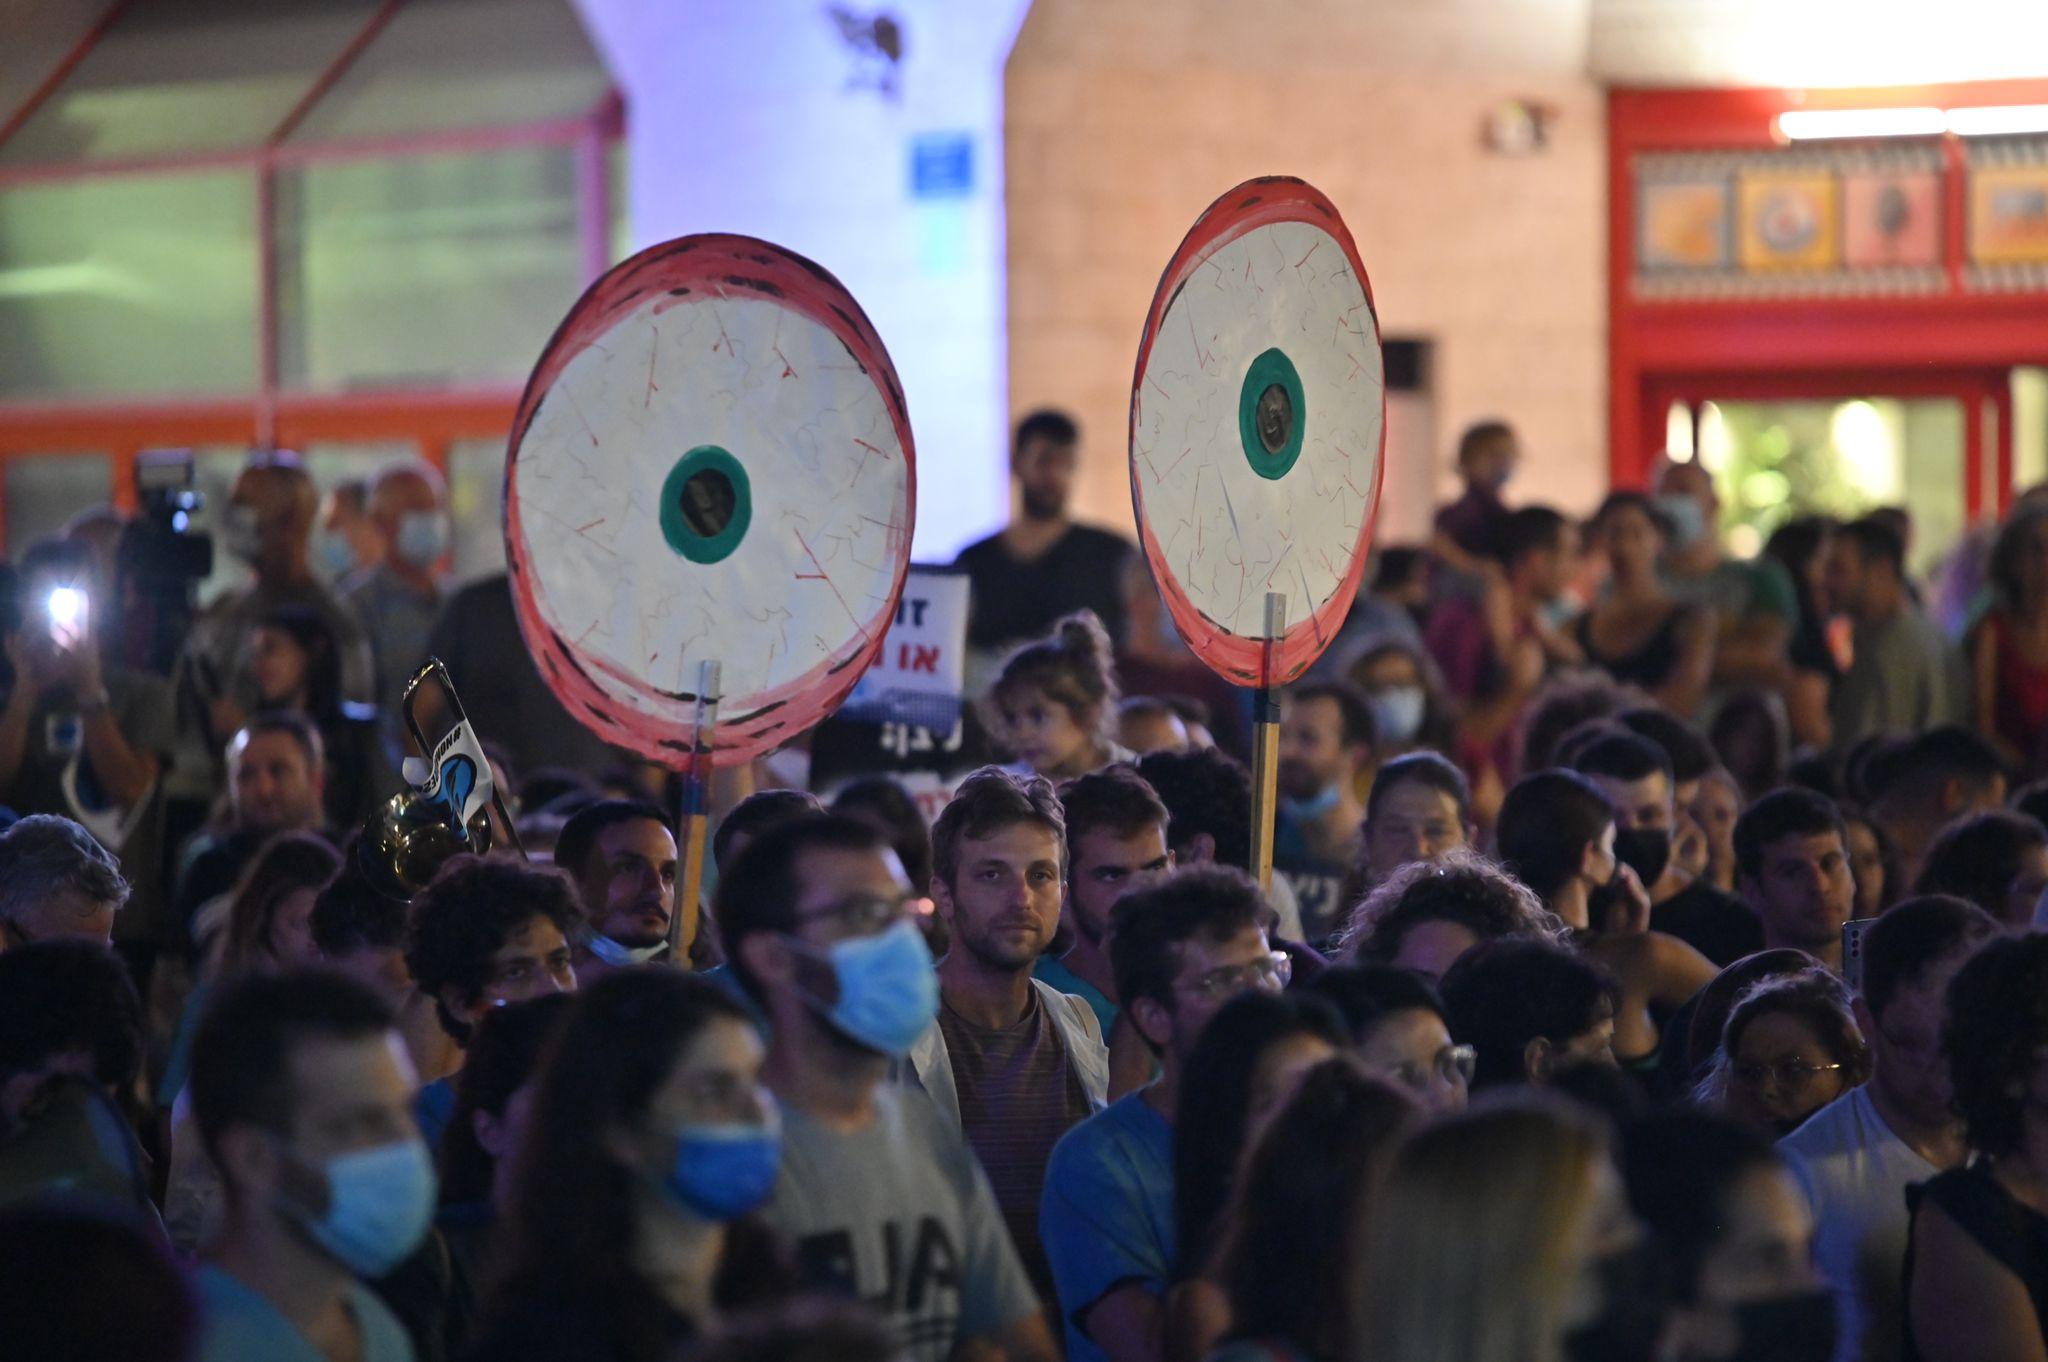 הפגנת המתמחים ברחבת הסינמטק, תל אביב, 9.10 / צילום: אלעד גוטמן